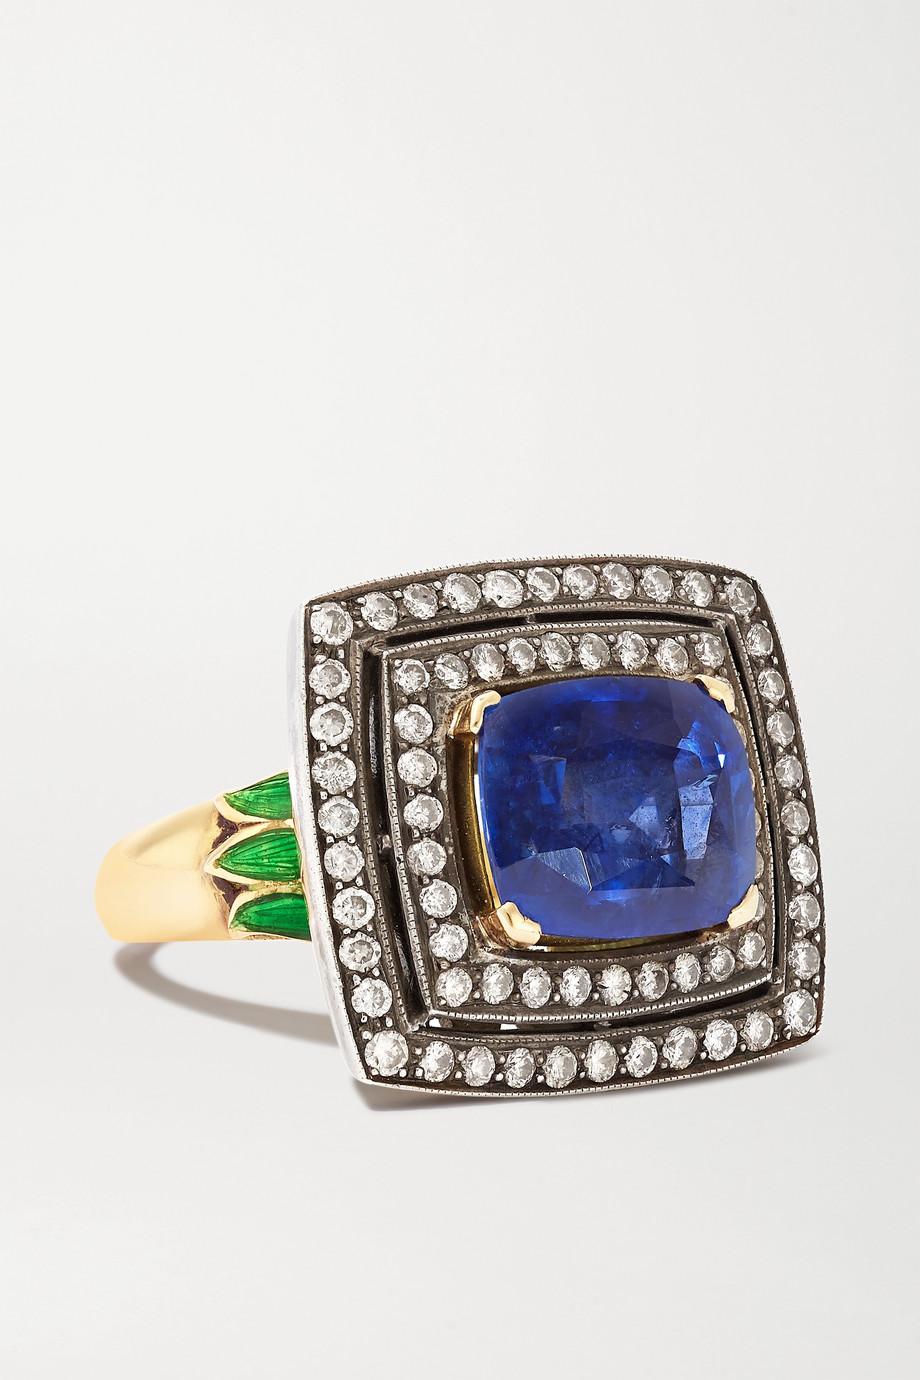 Amrapali Ring aus 18 Karat Gold und Sterlingsilber mit Saphir, Diamanten und Emaille